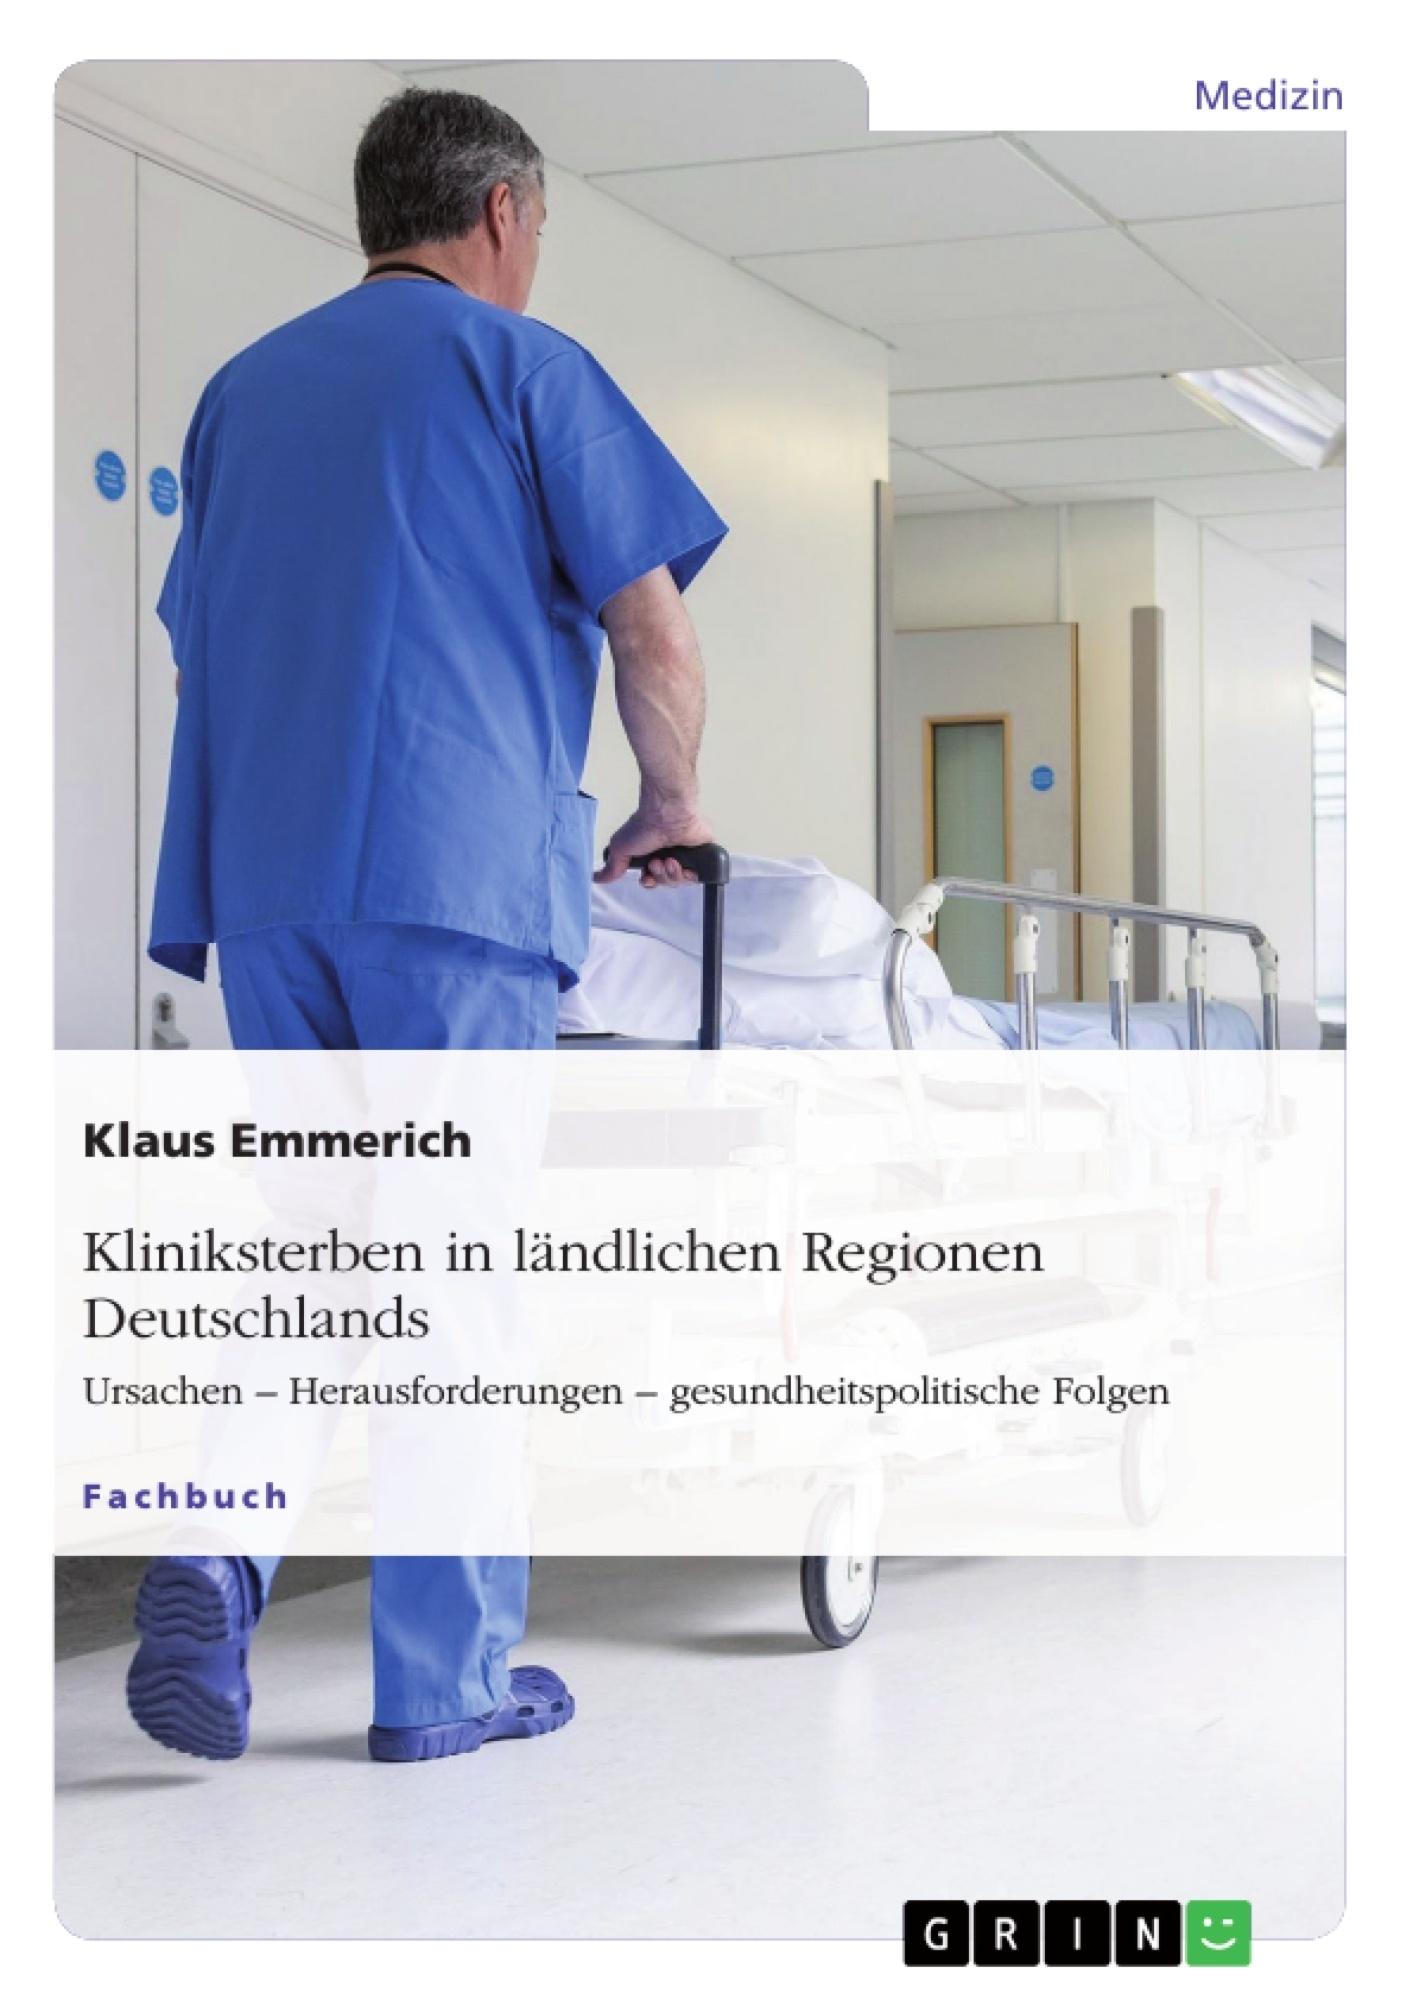 Titel: Kliniksterben in ländlichen Regionen Deutschlands